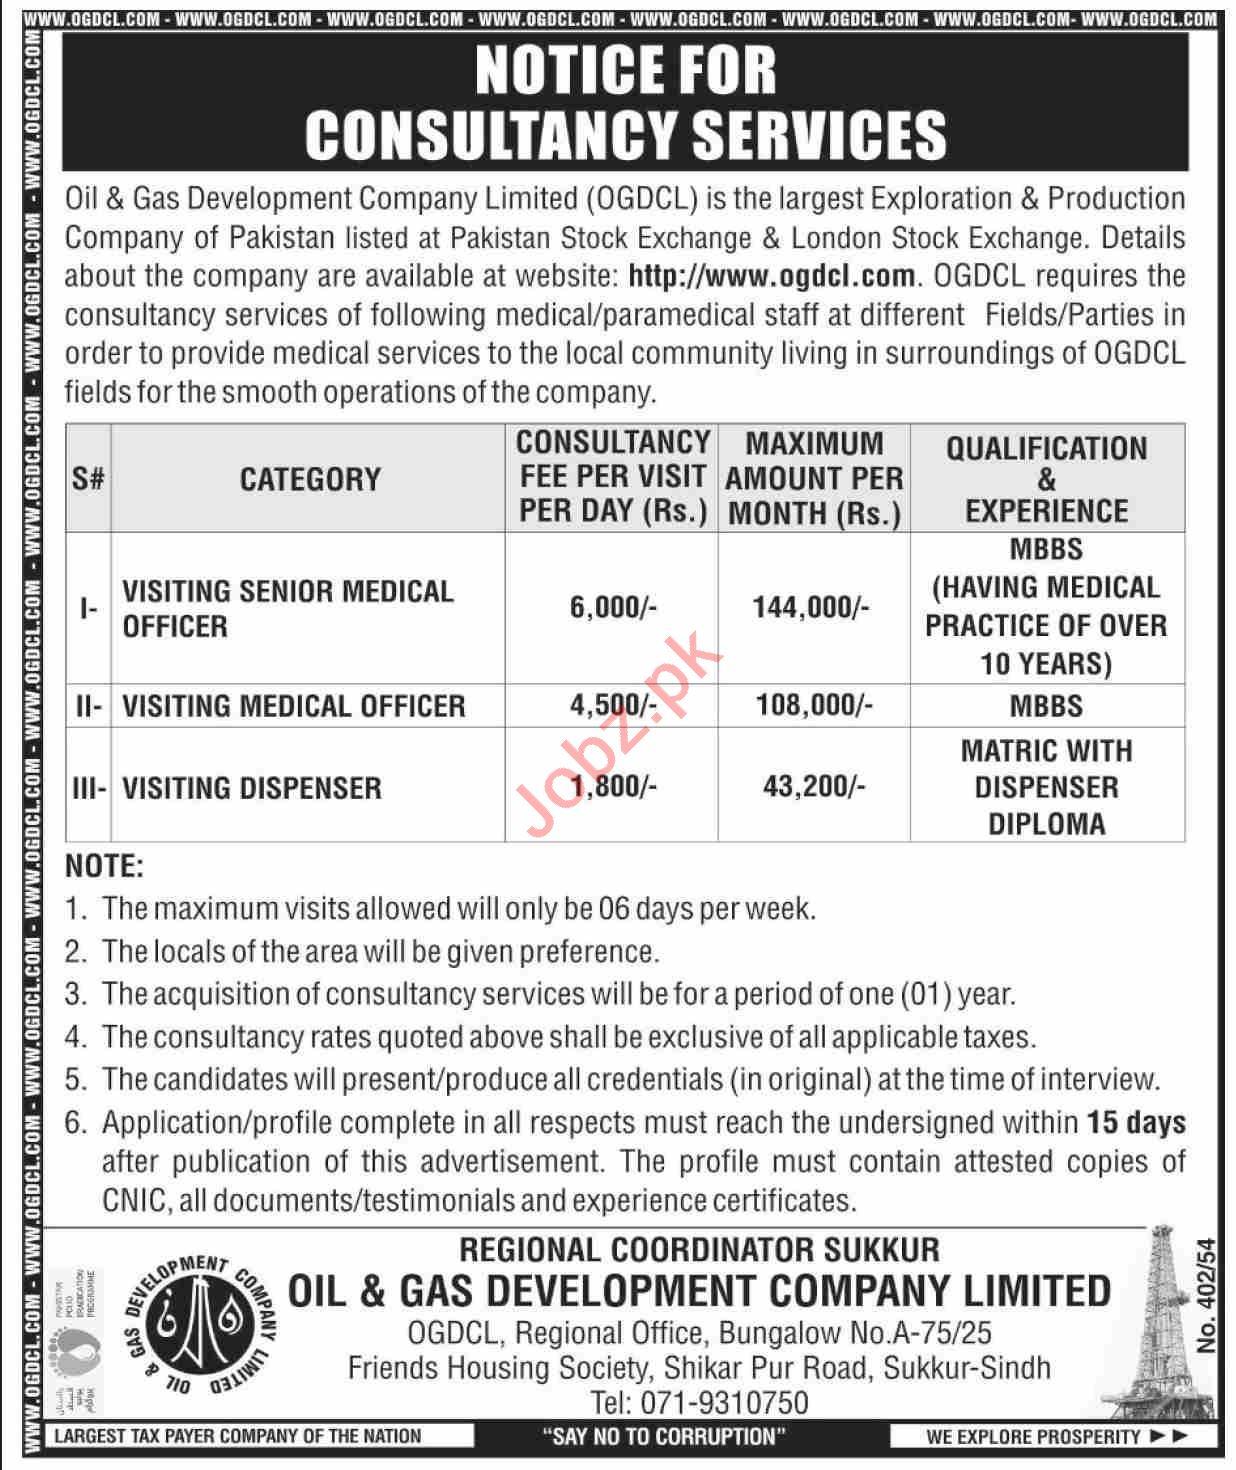 OGDCL Sukkur Jobs 2021 for Visiting Medical Officer